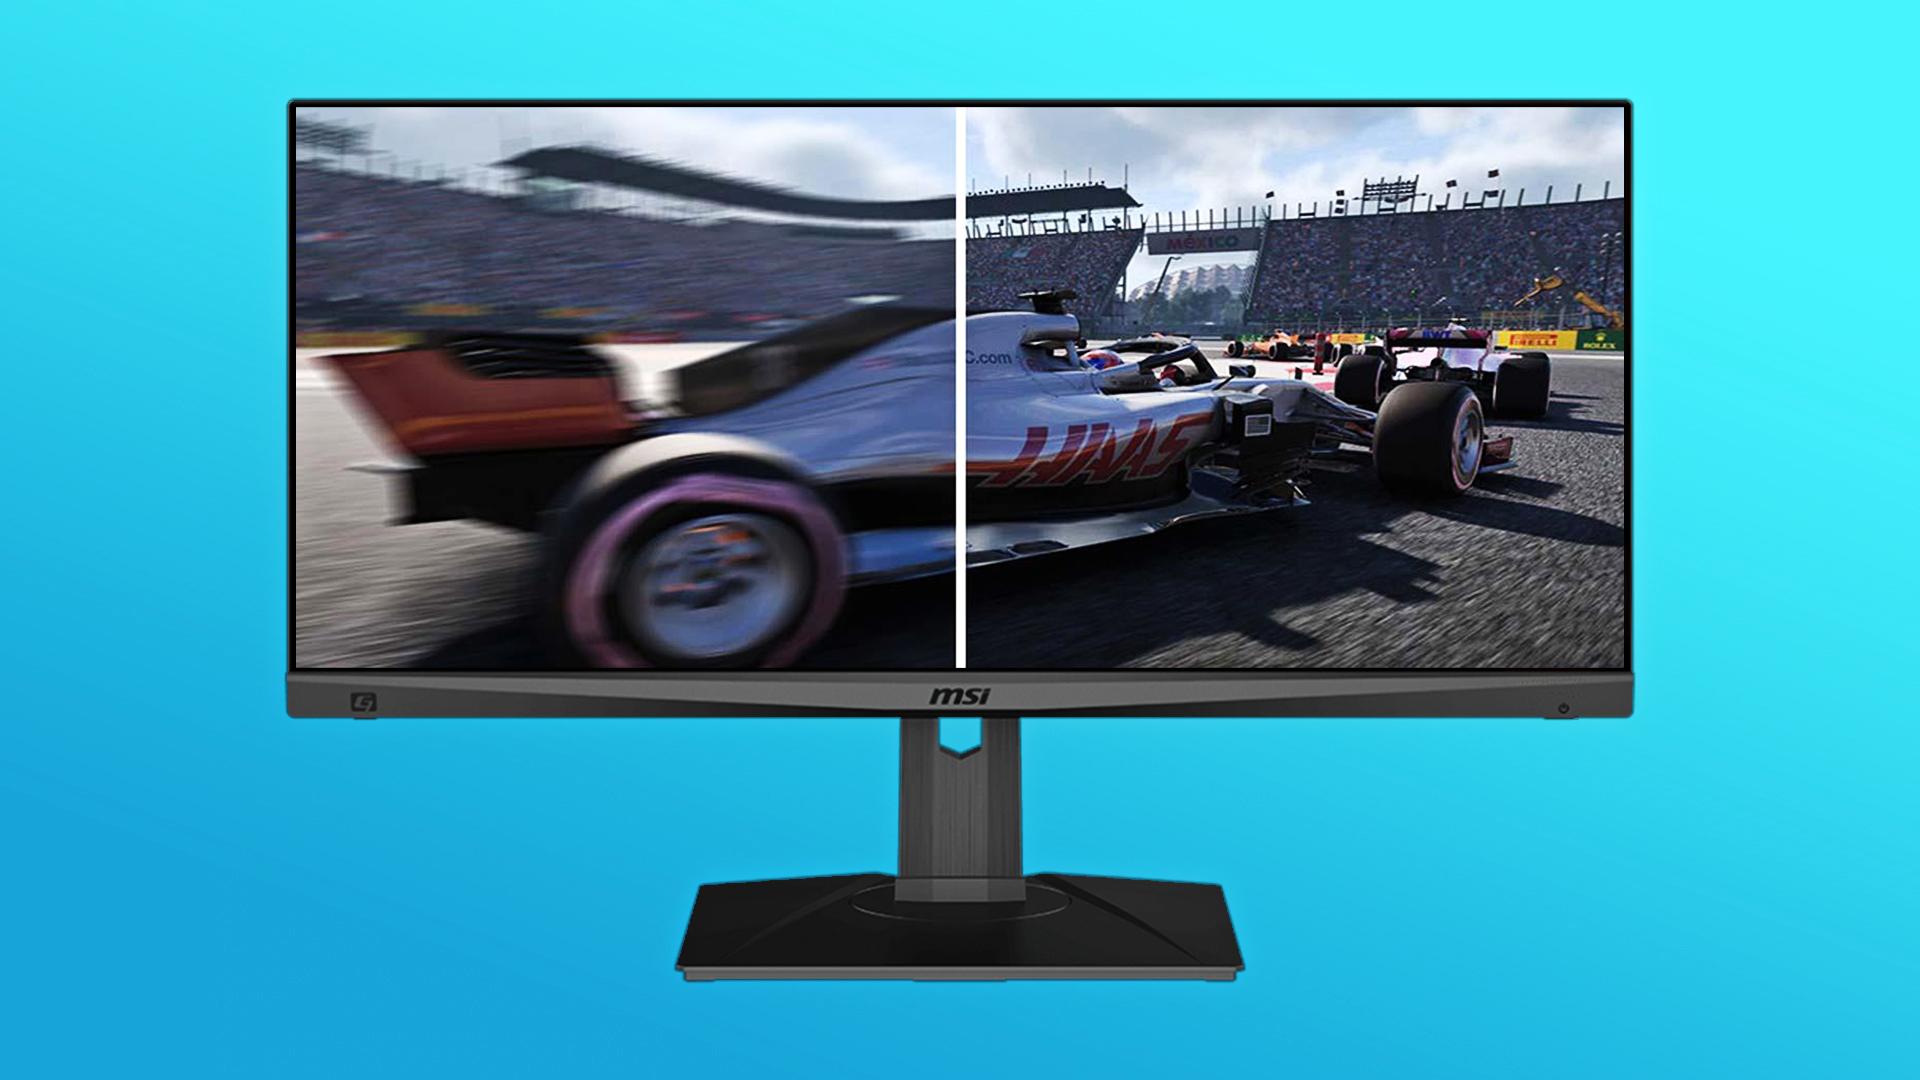 Bildwiederholfrequenz - Monitor und Fernseher